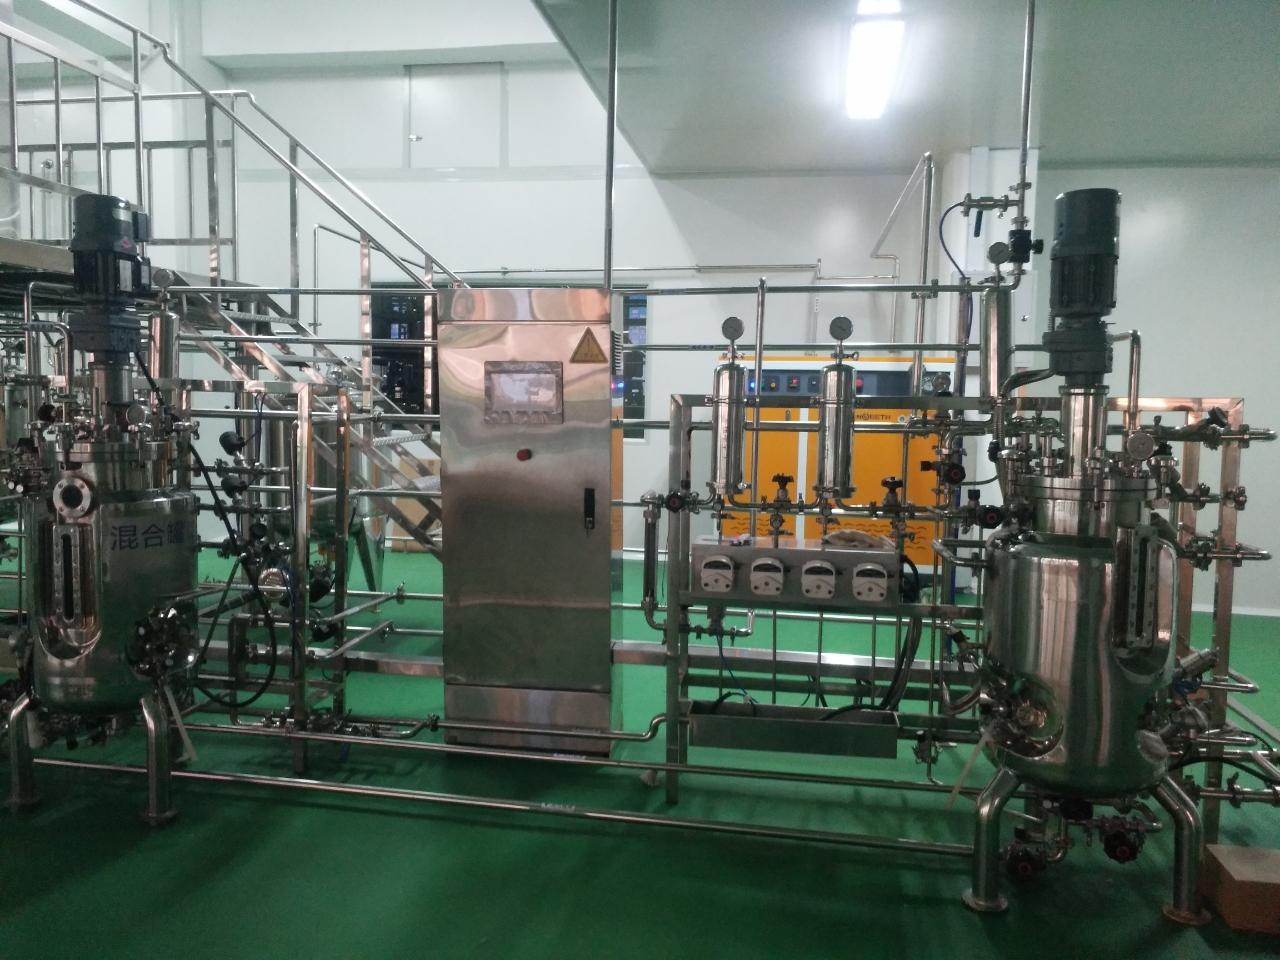 管道清洗灭菌采用山西管道清洗低氮燃气蒸汽发生器,蒸汽洁净卫生